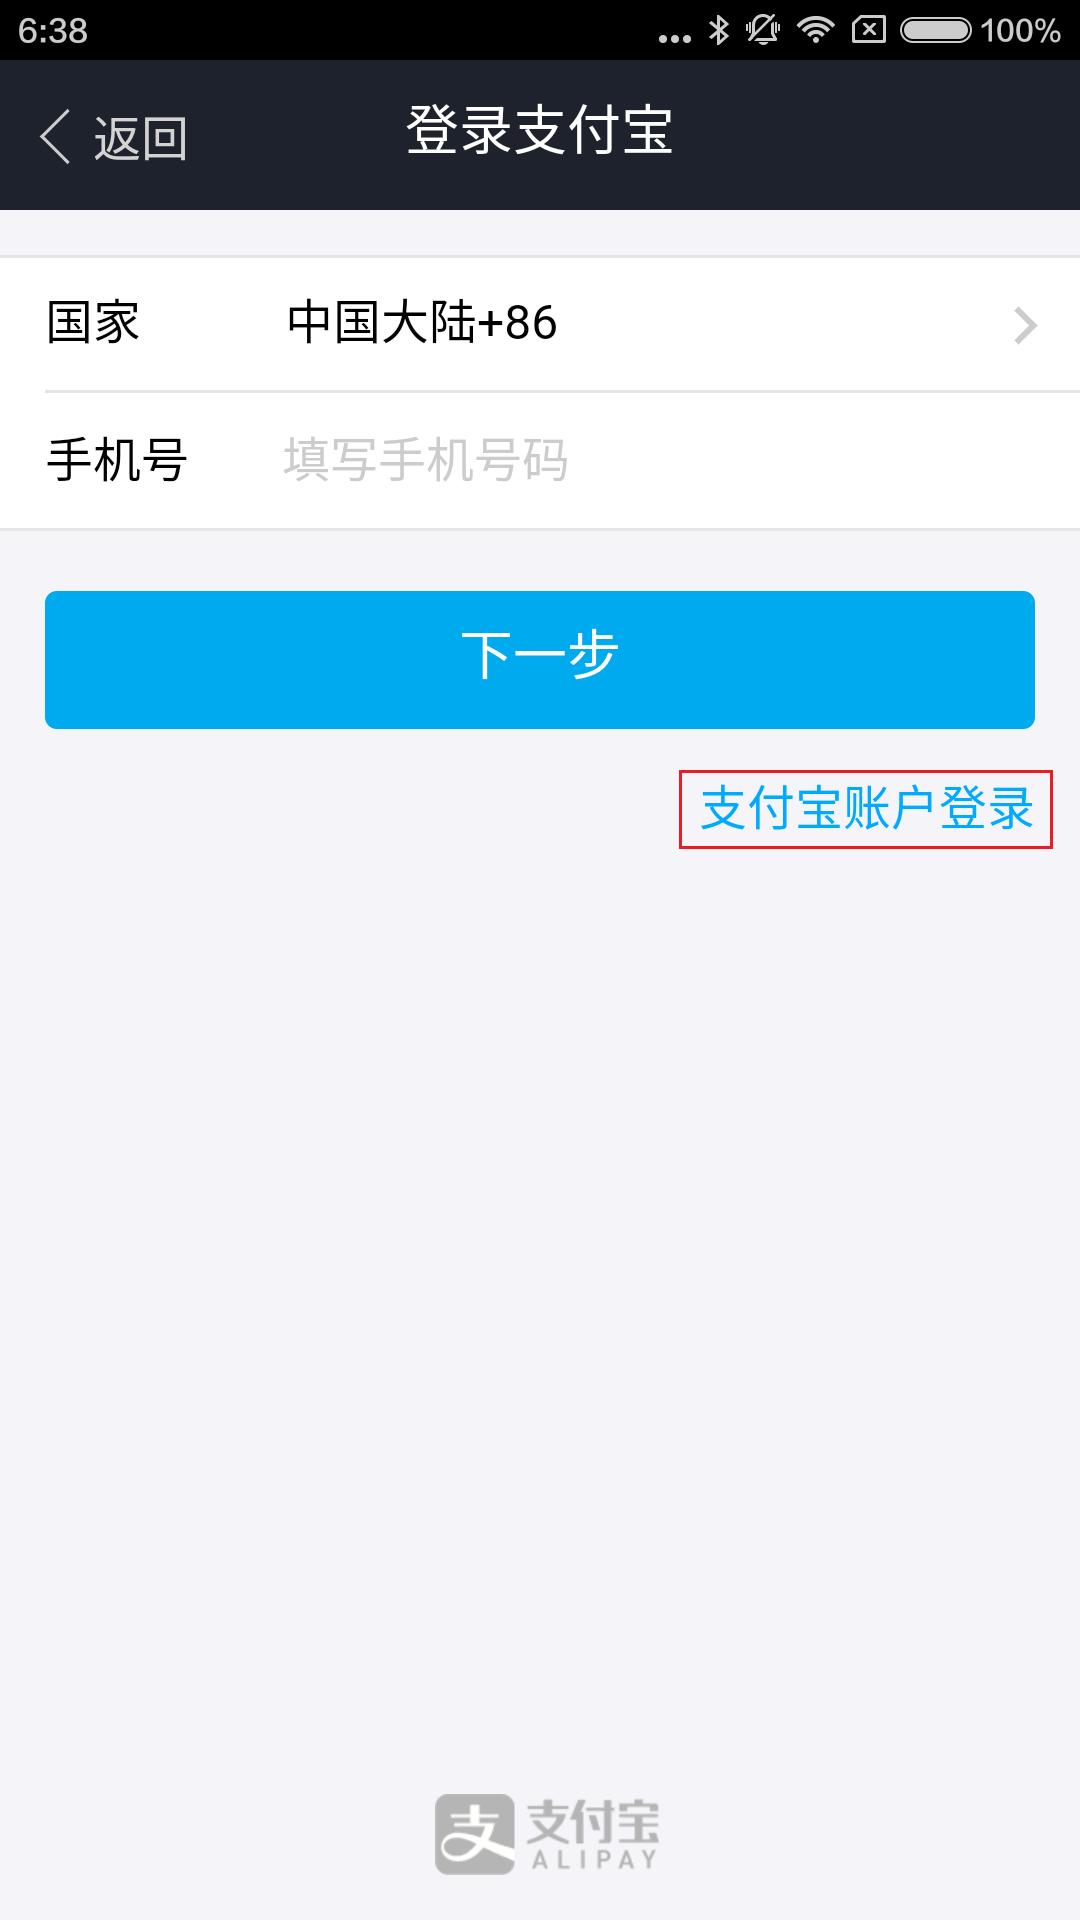 Alipay登録時の電話番号でログインする場合、IDでログインするので右の赤枠を押す